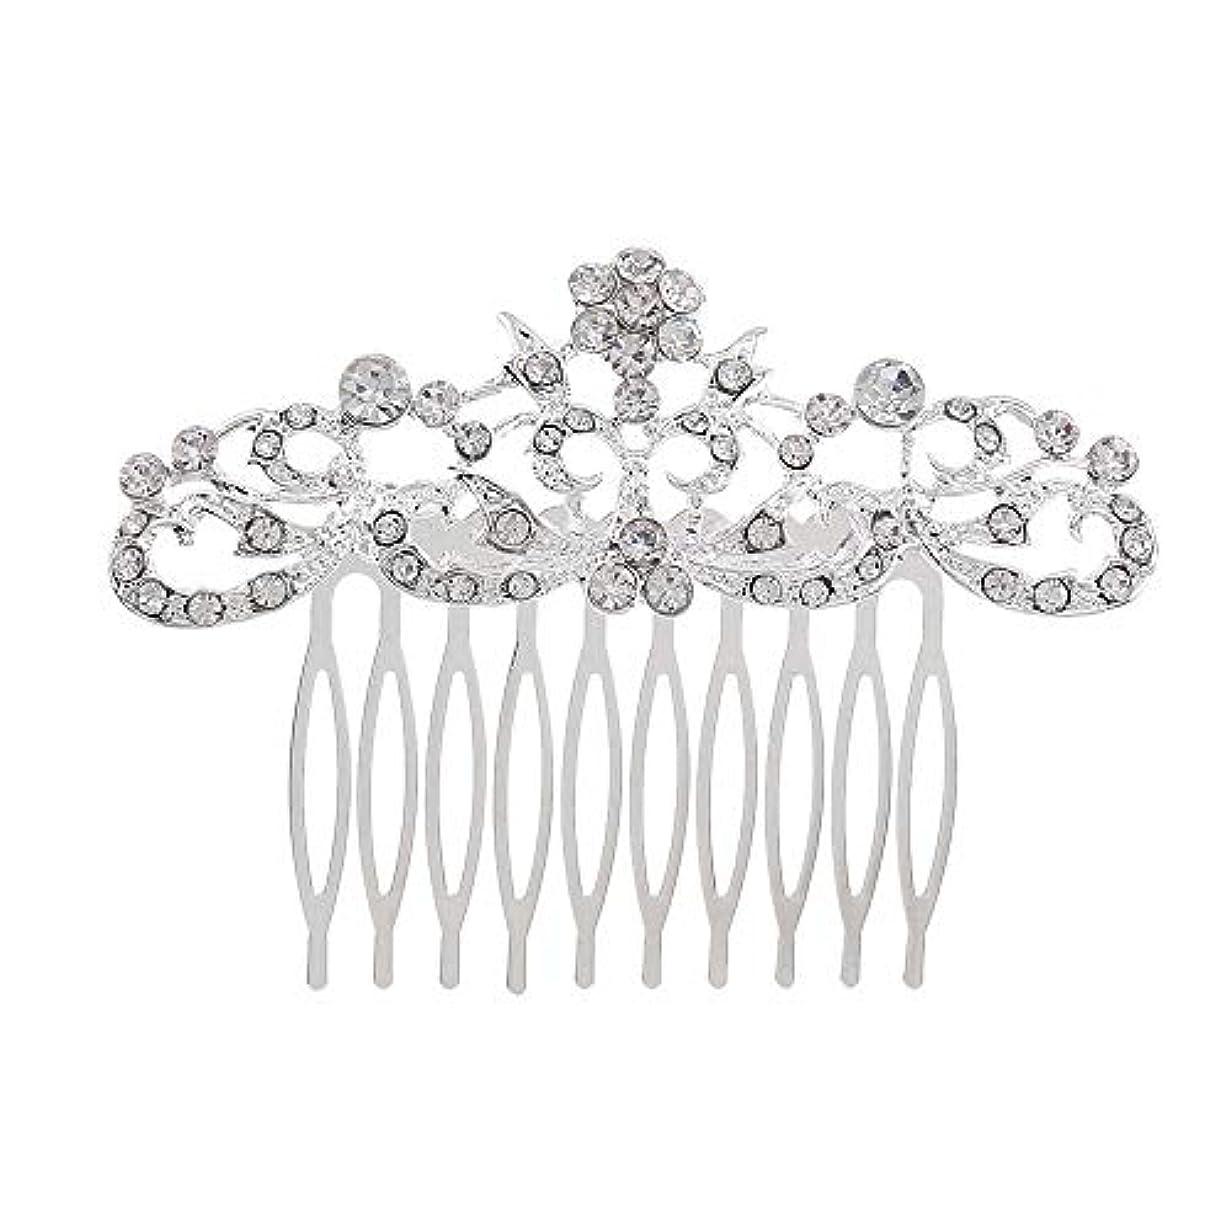 スコアホーン廃棄髪の櫛の櫛の櫛の花嫁の髪の櫛のファッションラインストーンの櫛の櫛の花嫁の頭飾りの結婚式のアクセサリー